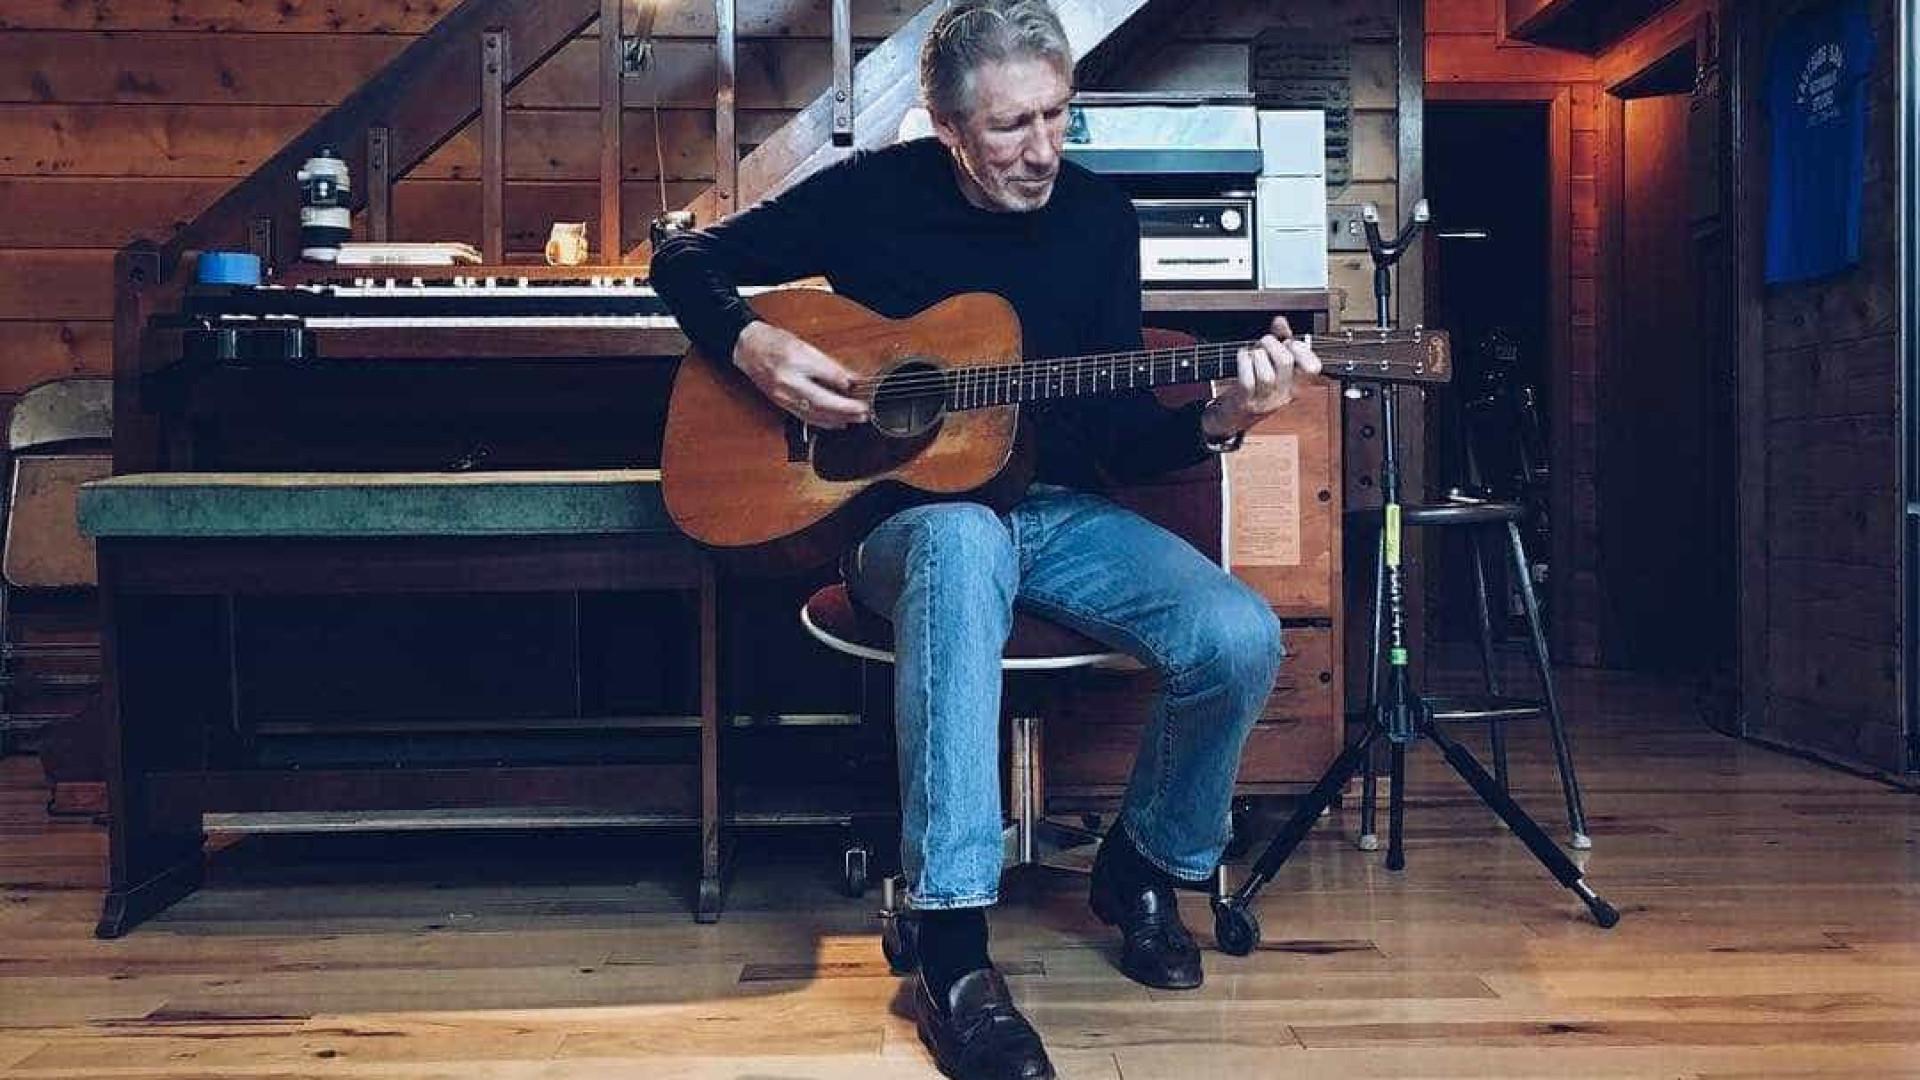 Concerto de Roger Waters em Portugal vai acontecer no Meo Arena